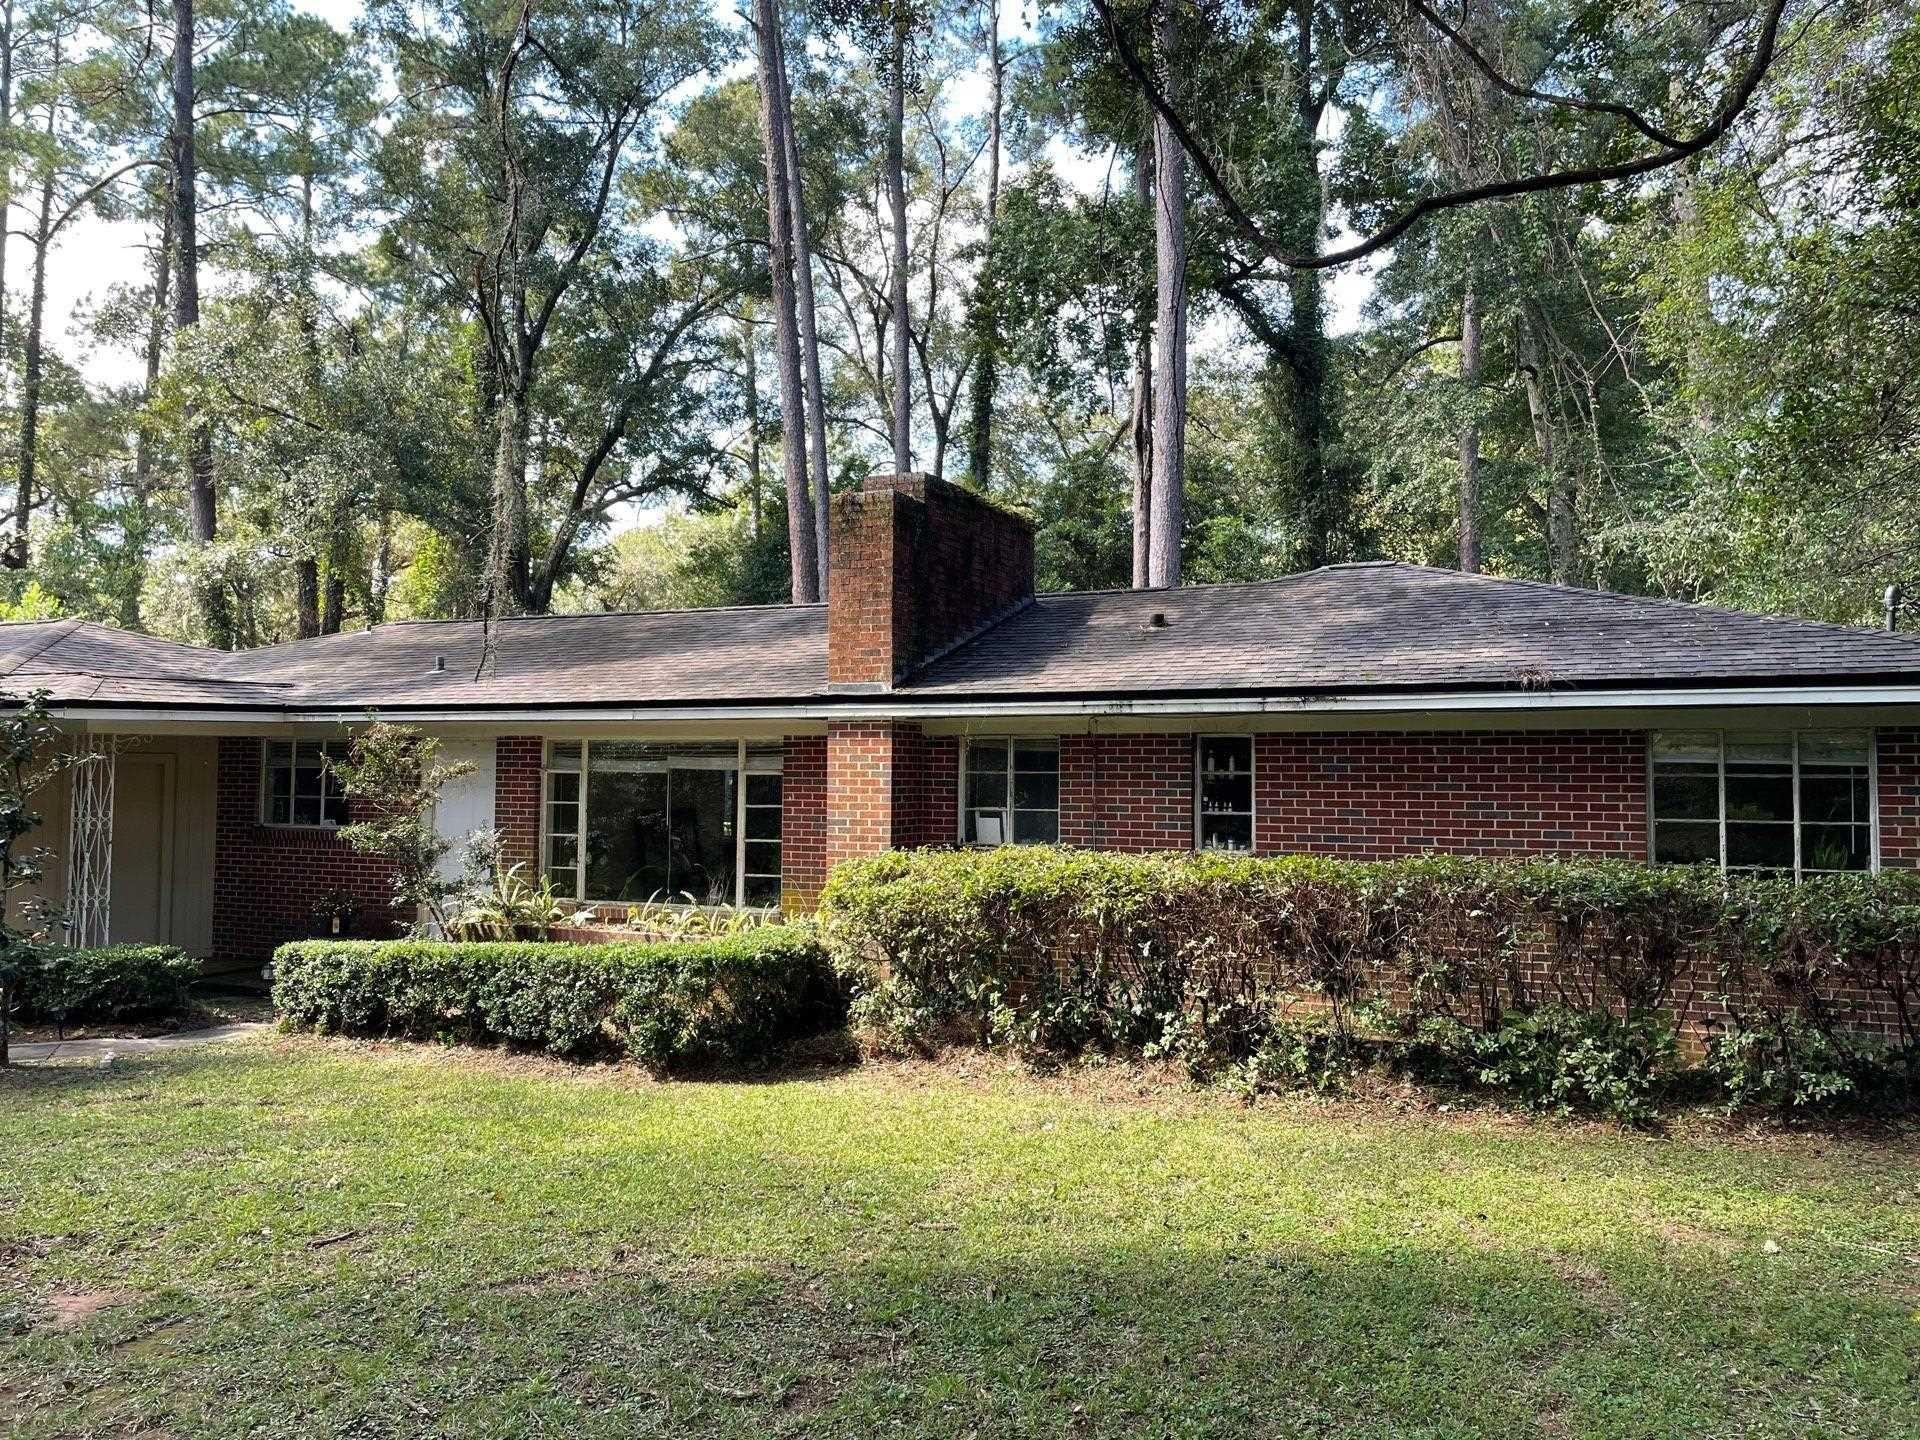 2002 Croydon Drive, Tallahassee, FL 32303 - MLS#: 338386